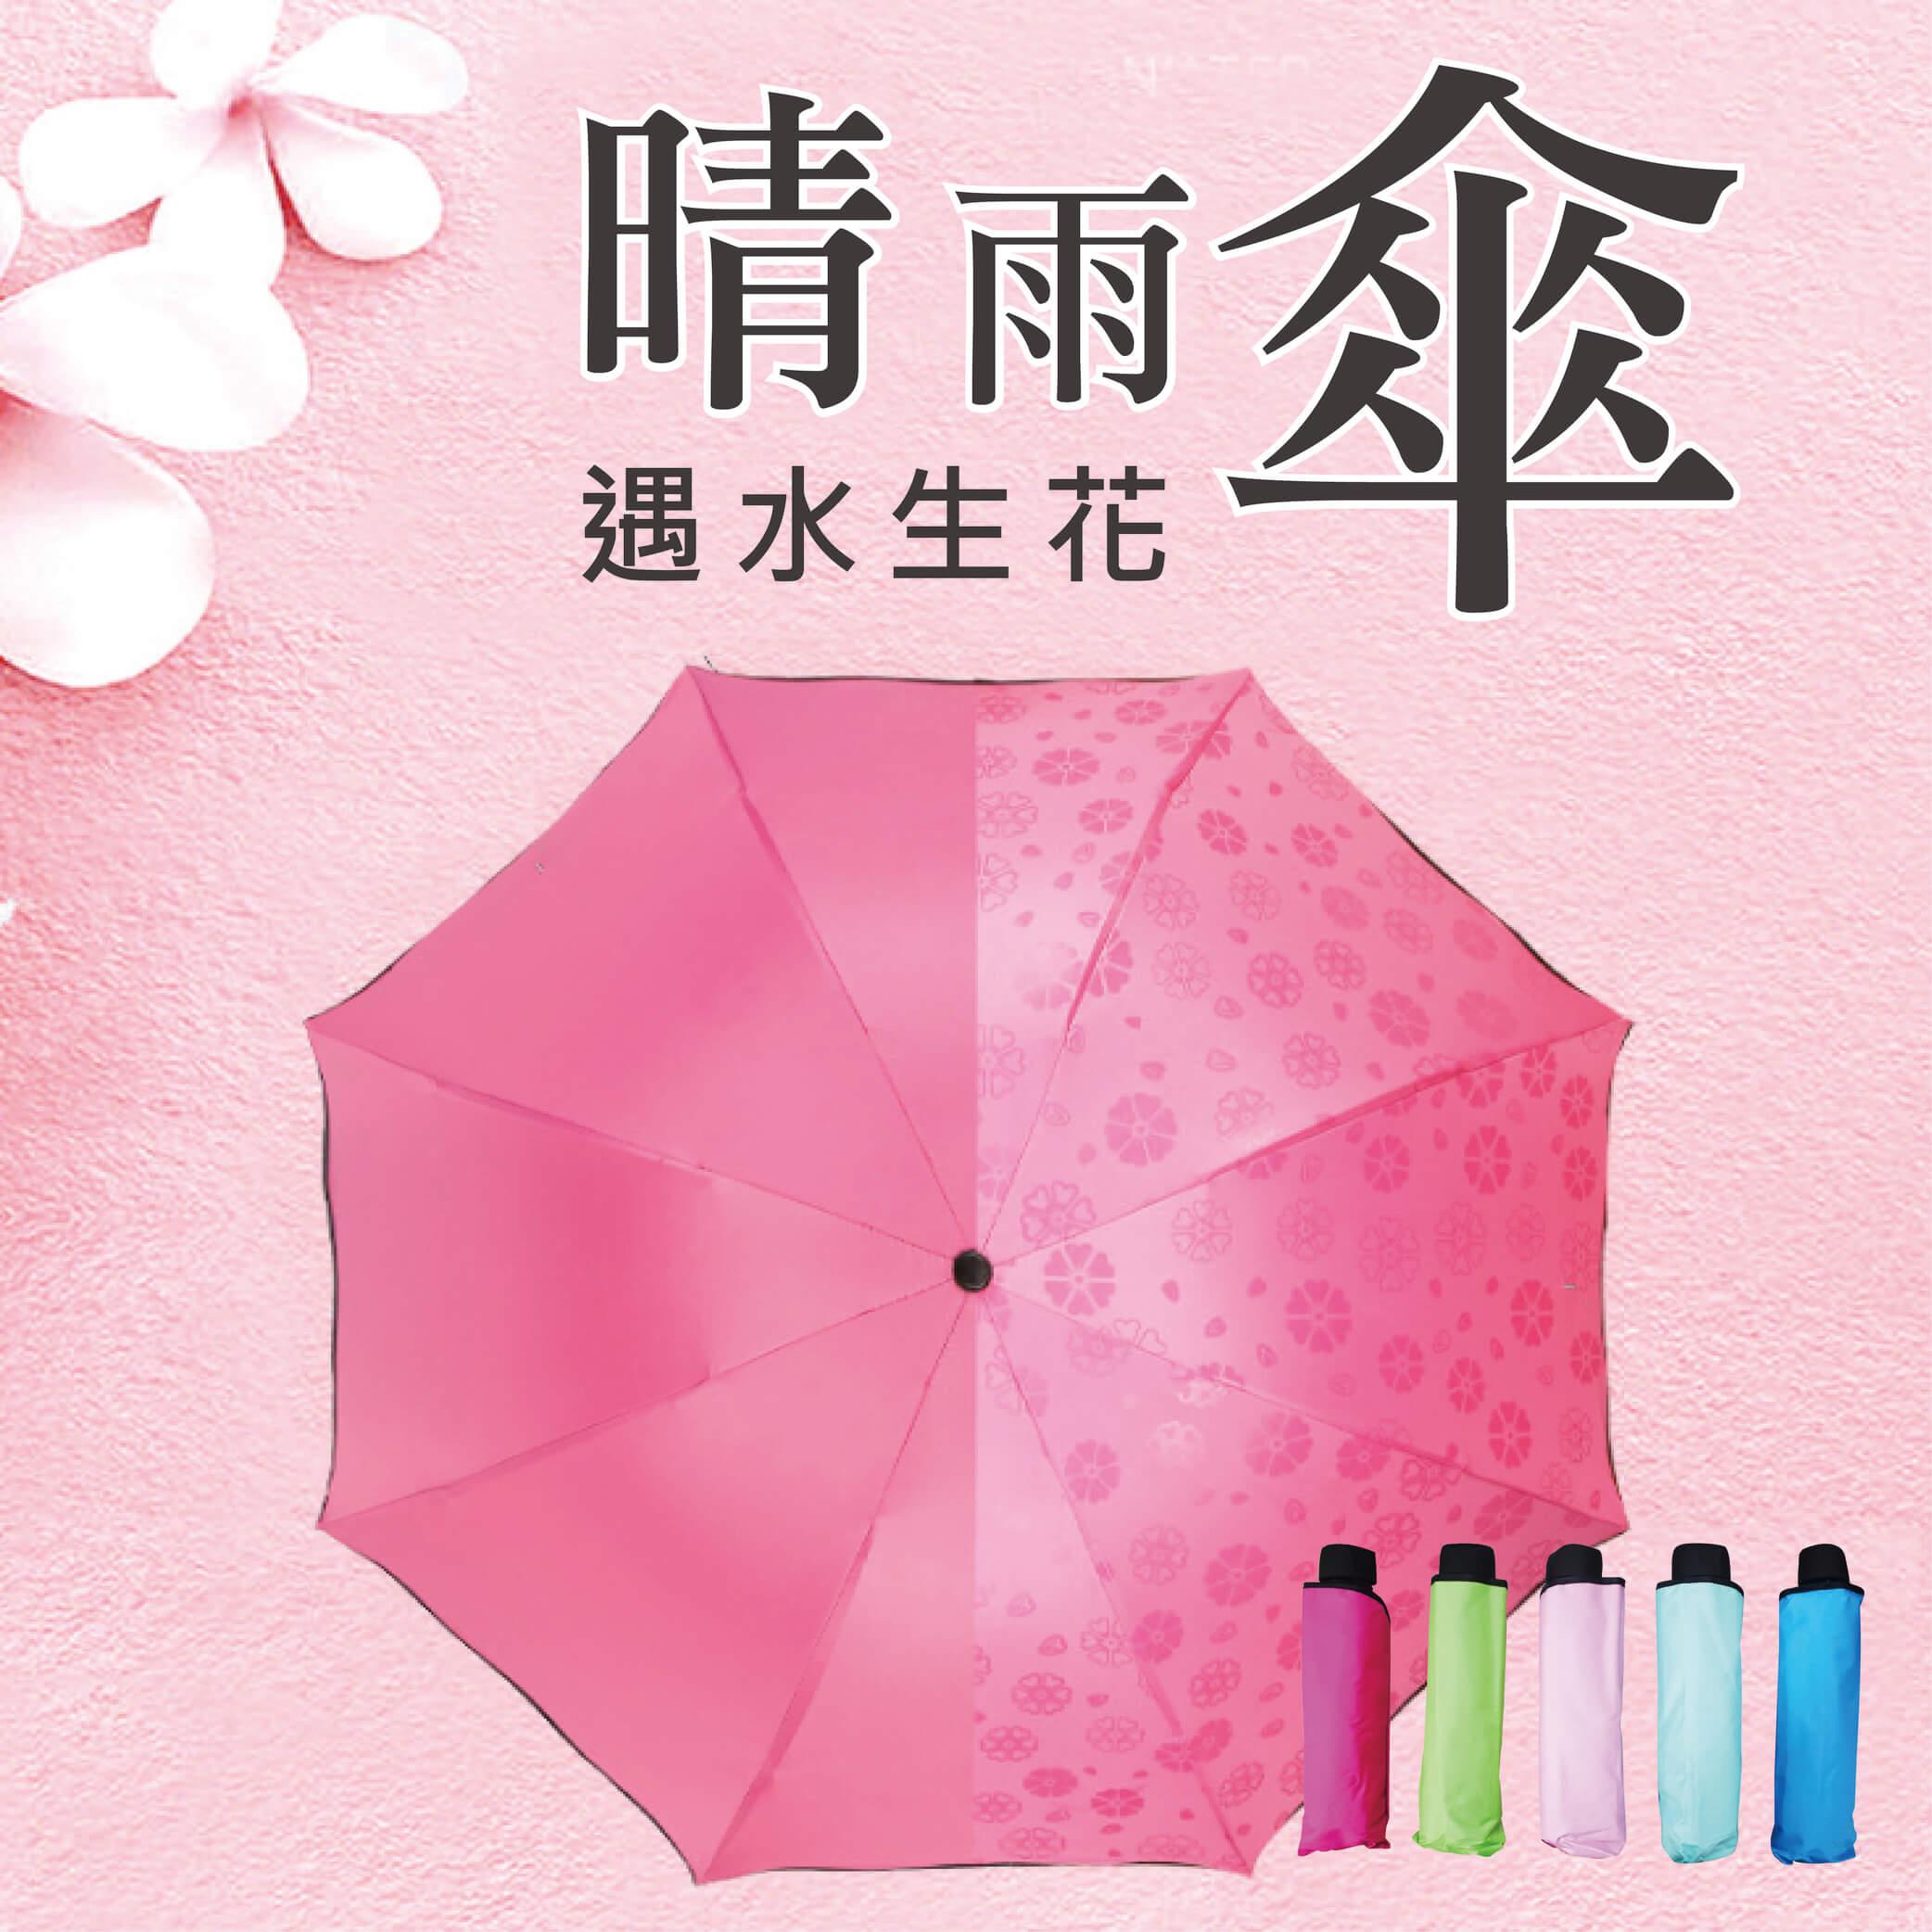 奇幻遇水生花折疊傘(黑膠)